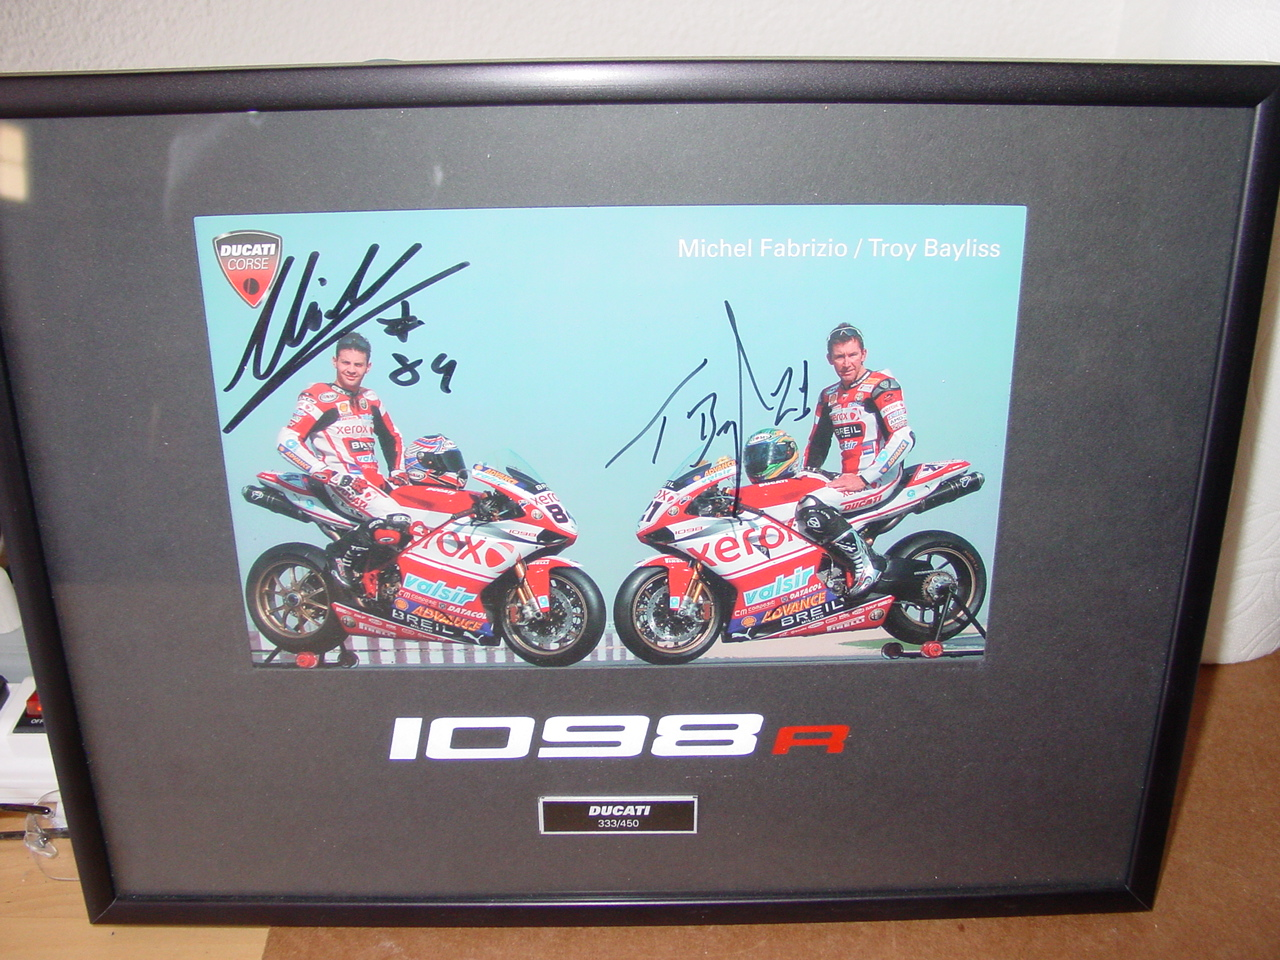 2008 Ducati 1098r  333  450 Super Bike F  S